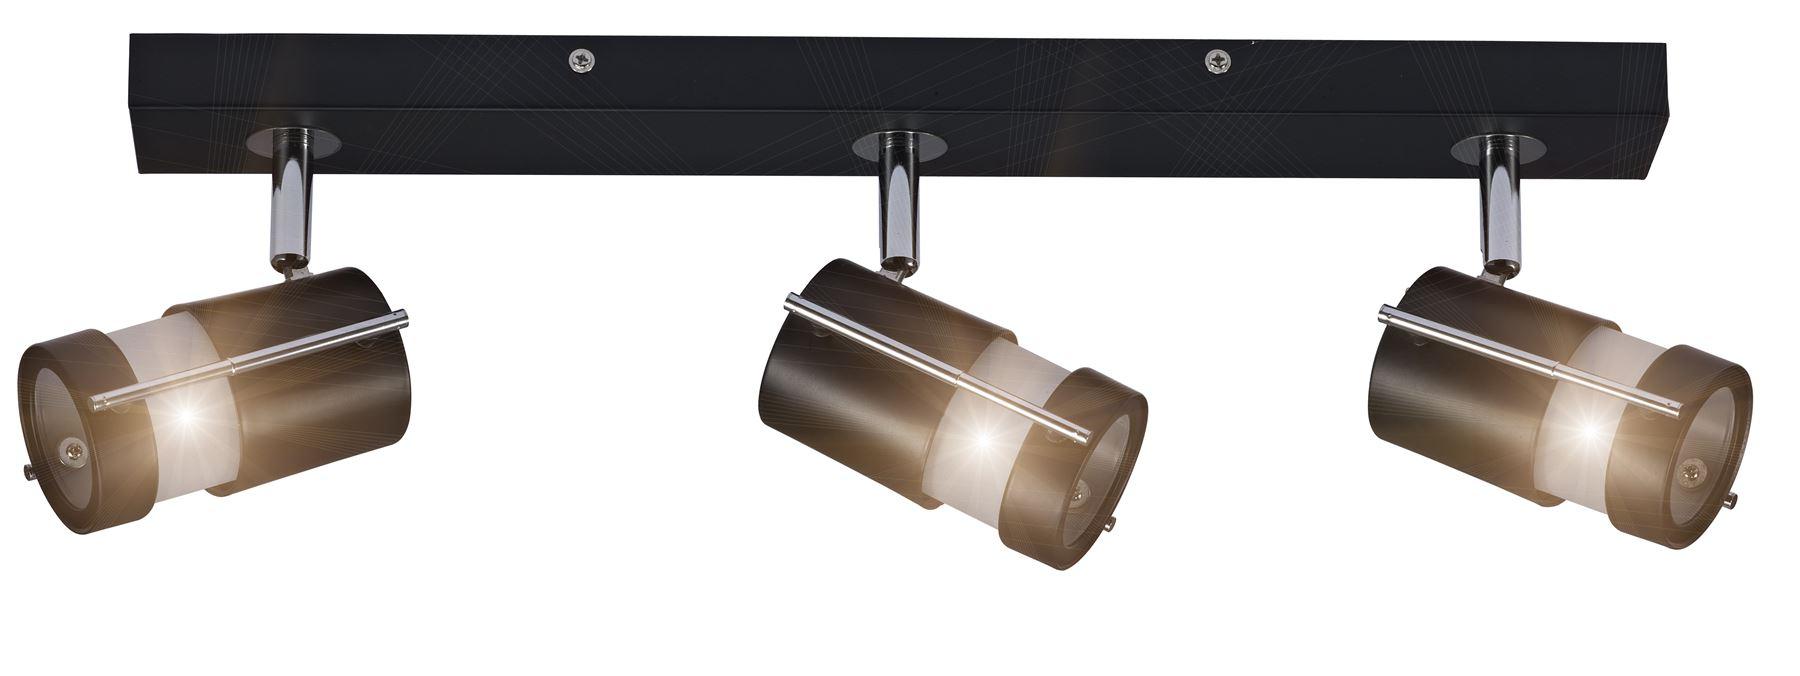 Ceiling Lights With G9 Bulbs : Ozzy or way head spotlight bar ceiling light g